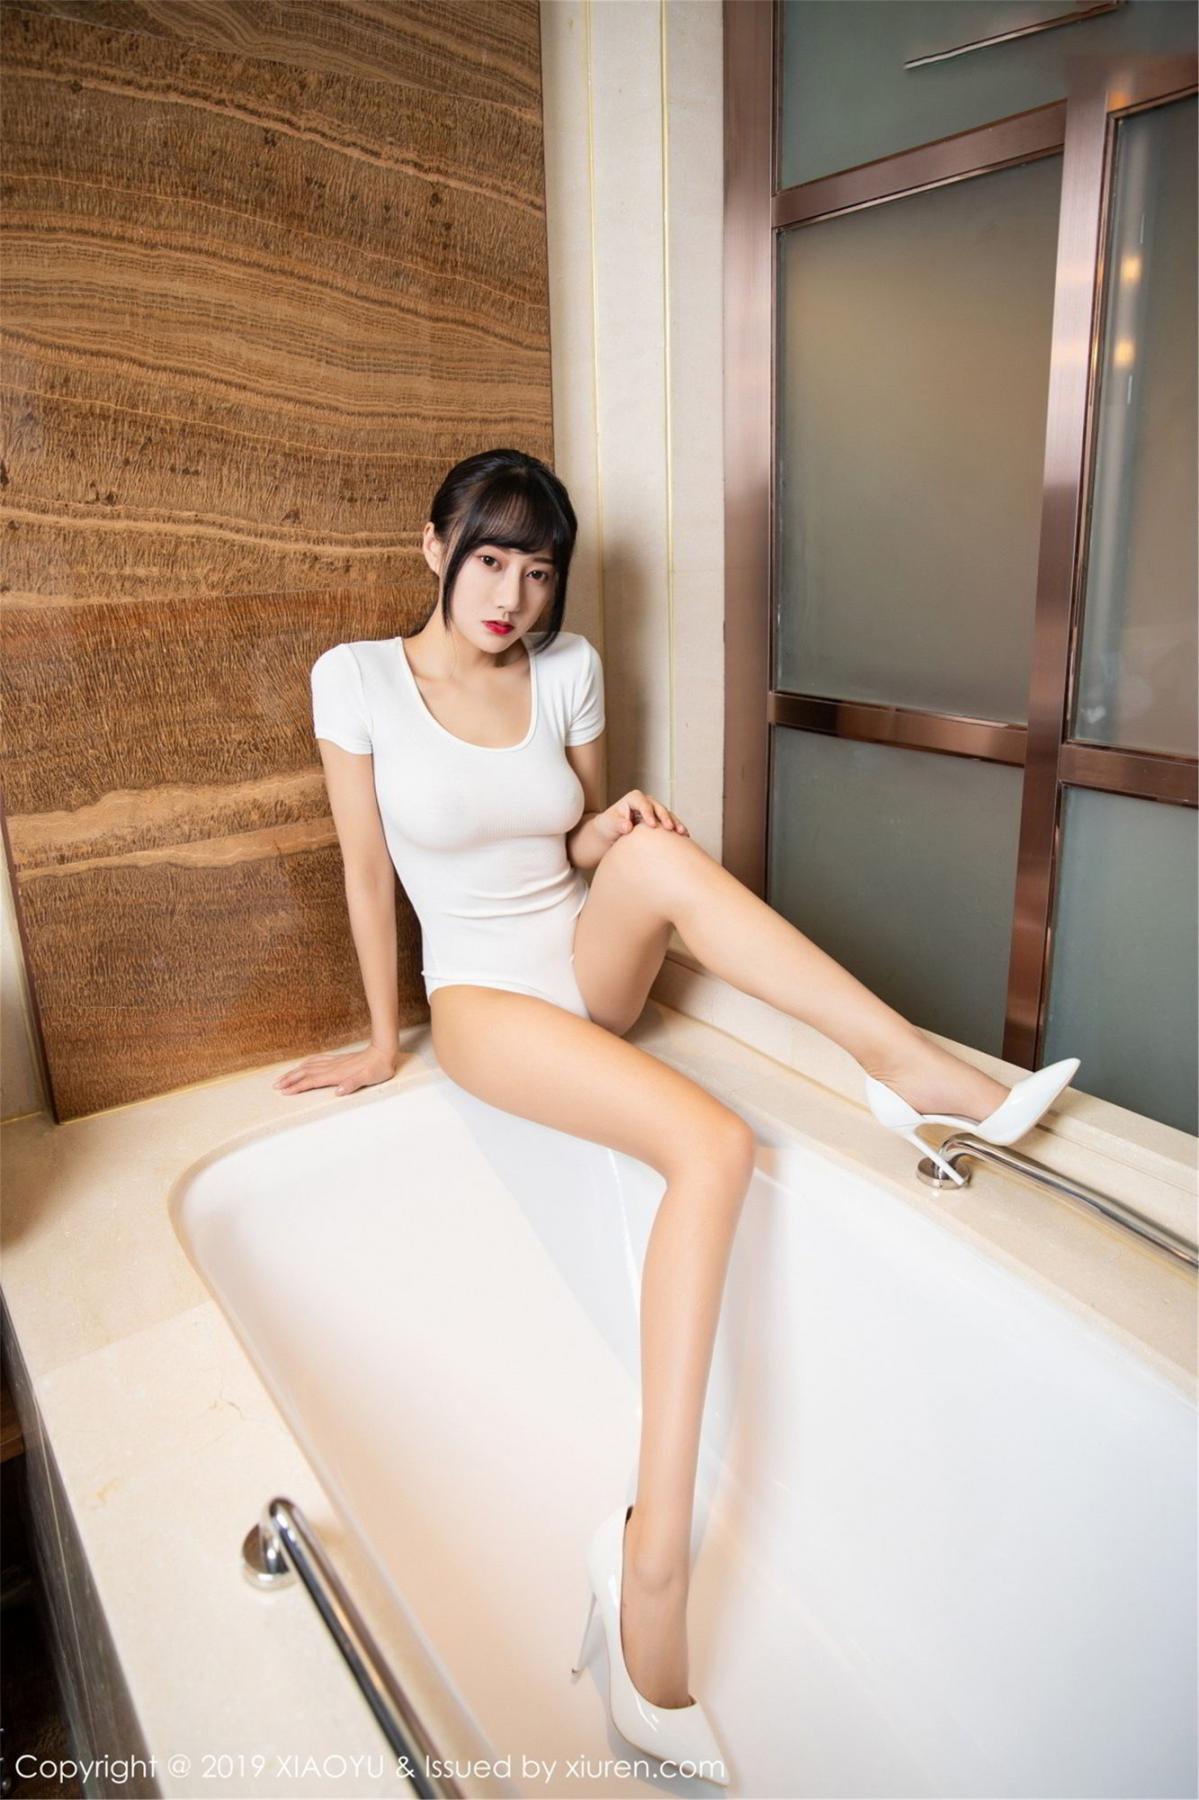 [XiaoYu] Vol.116 He Jia Ying 10P, Bathroom, He Jia Ying, Wet, XiaoYu